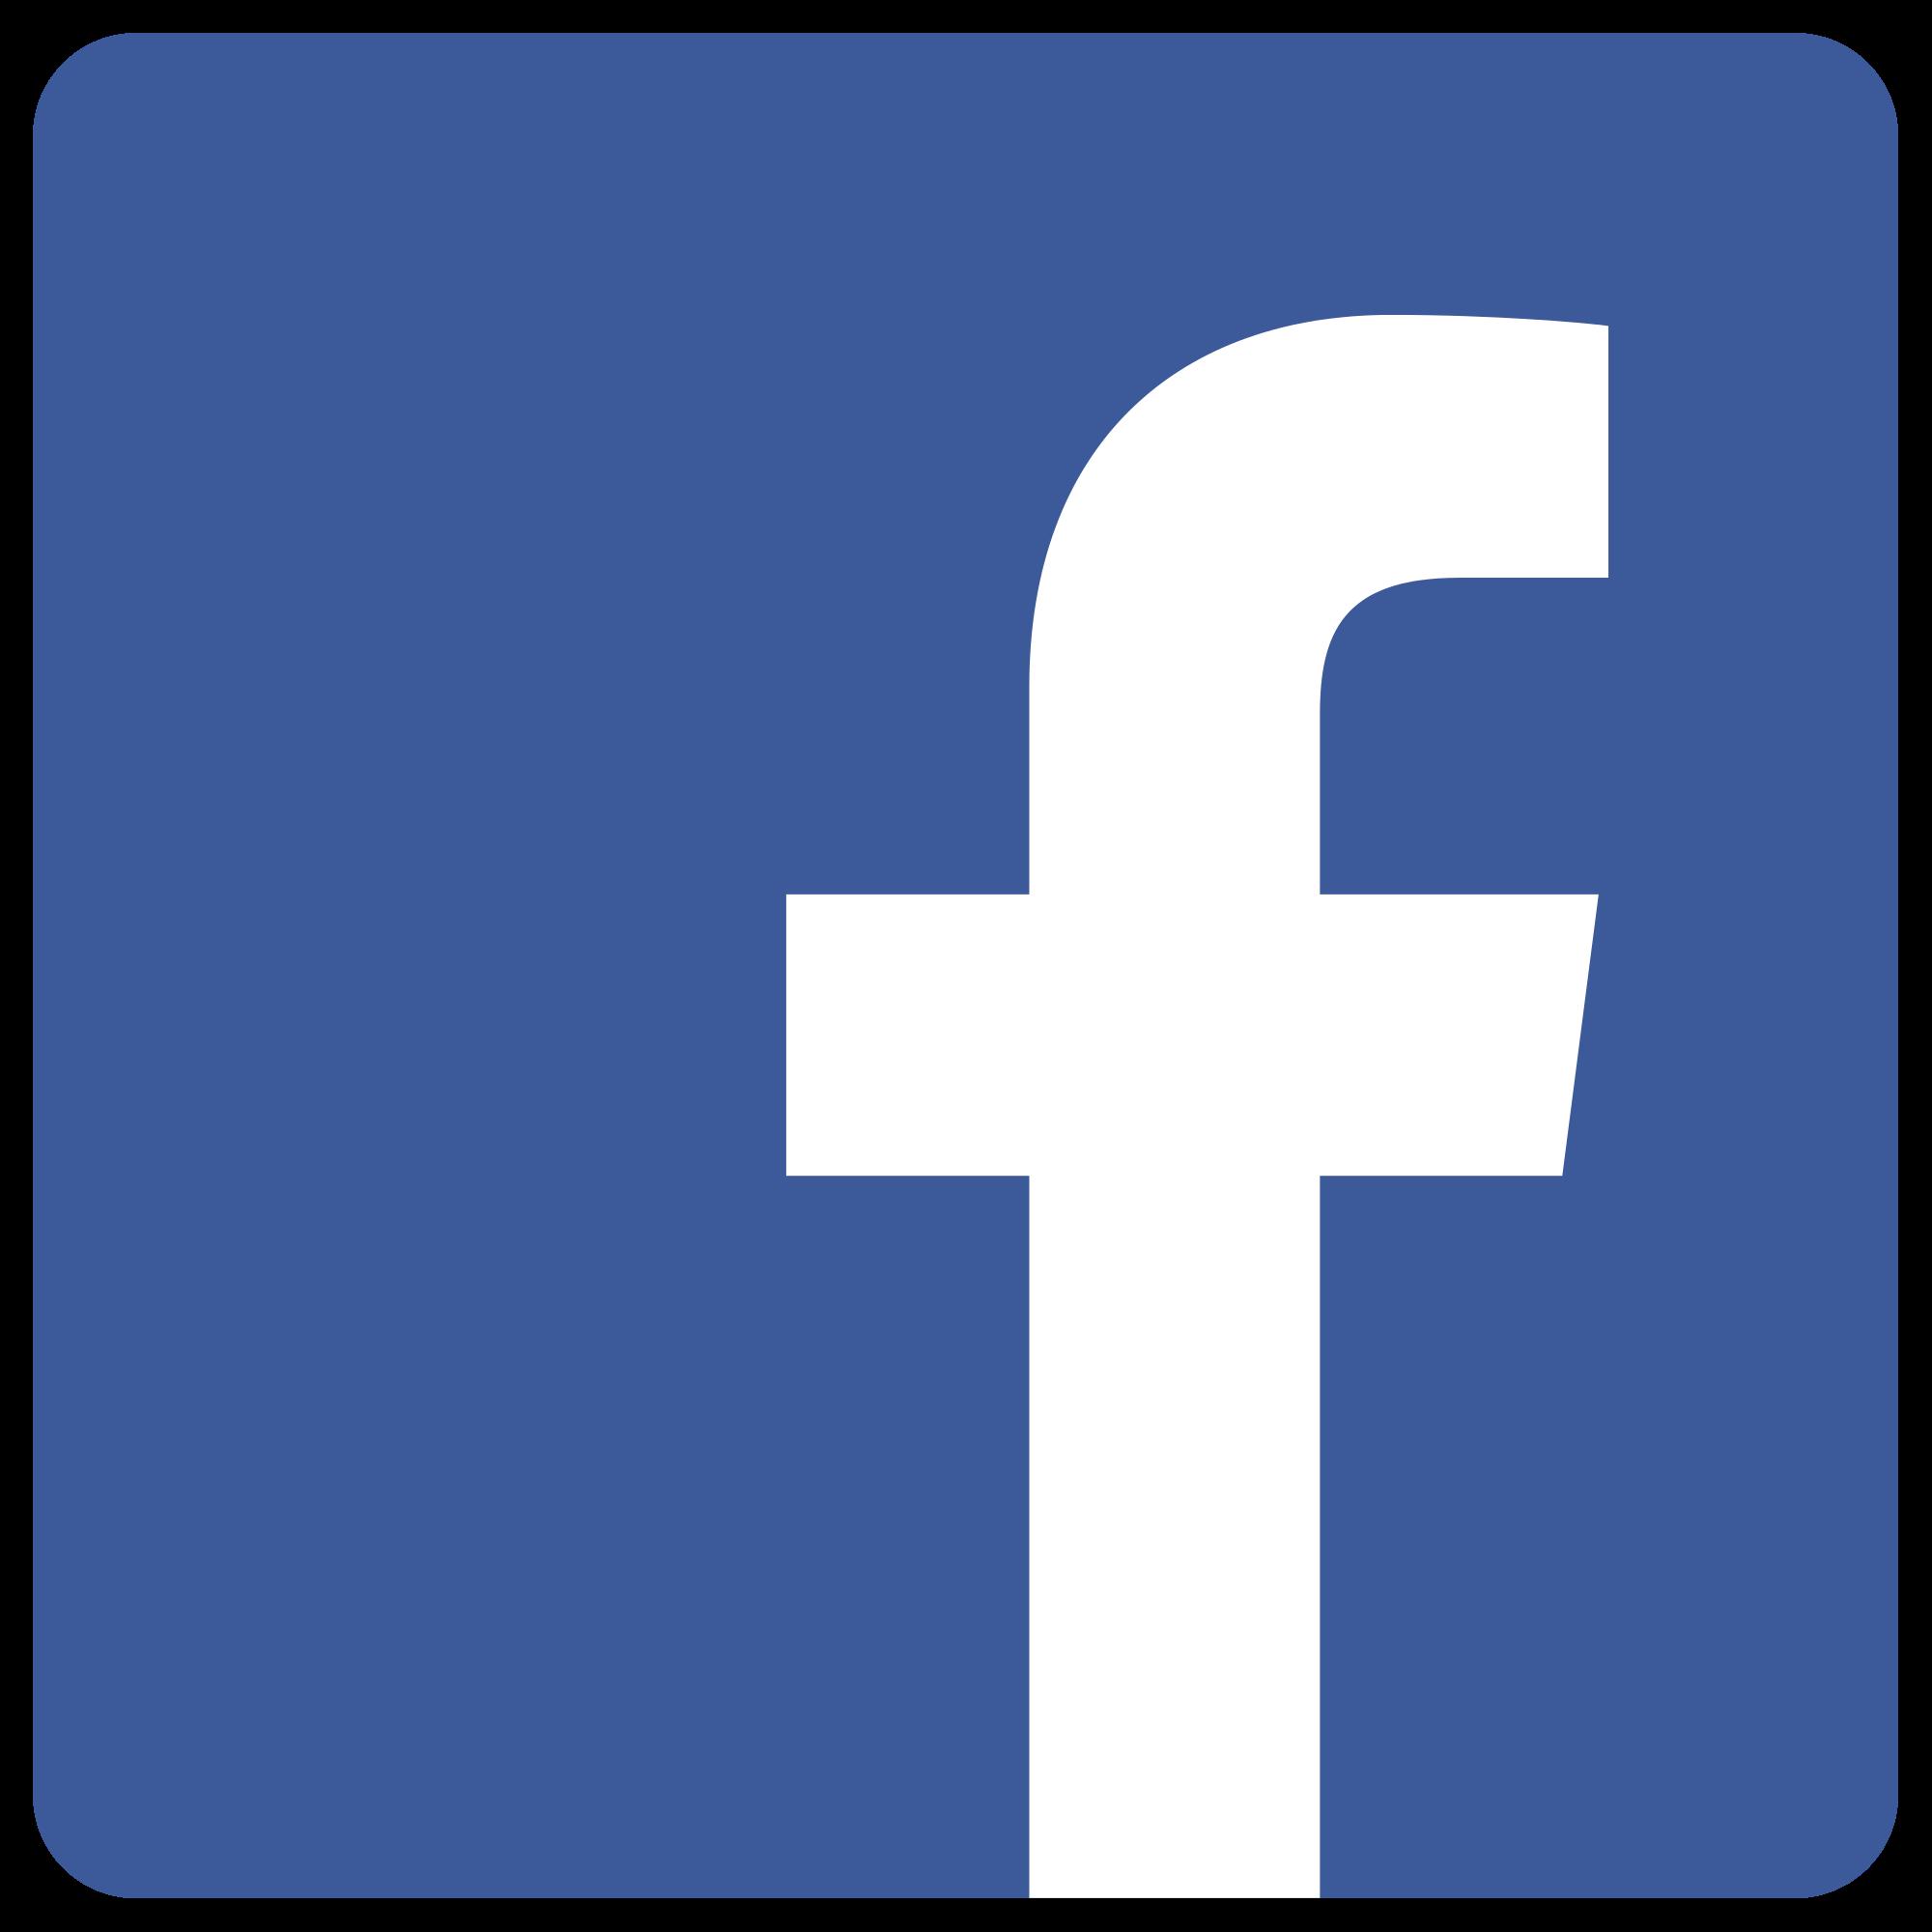 Follow Larry Murante on Facebook.